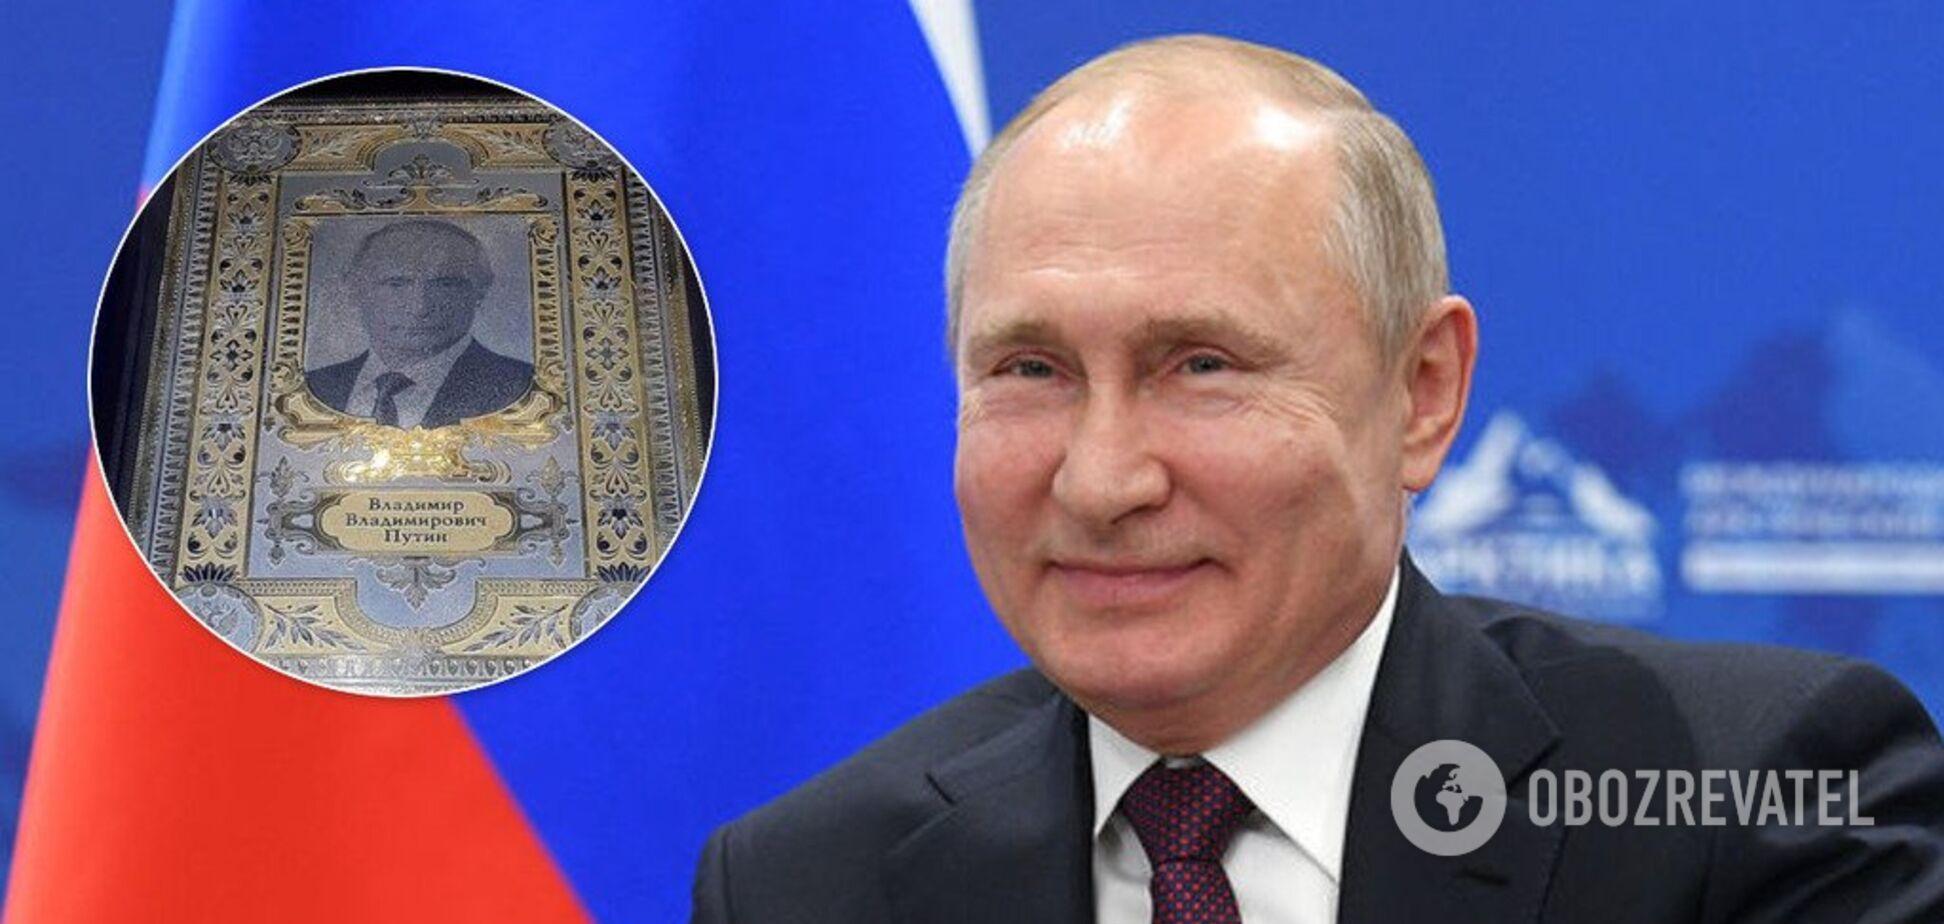 'Ще трохи і в рай': у російському аеропорту в продажу з'явилися ікони Путіна